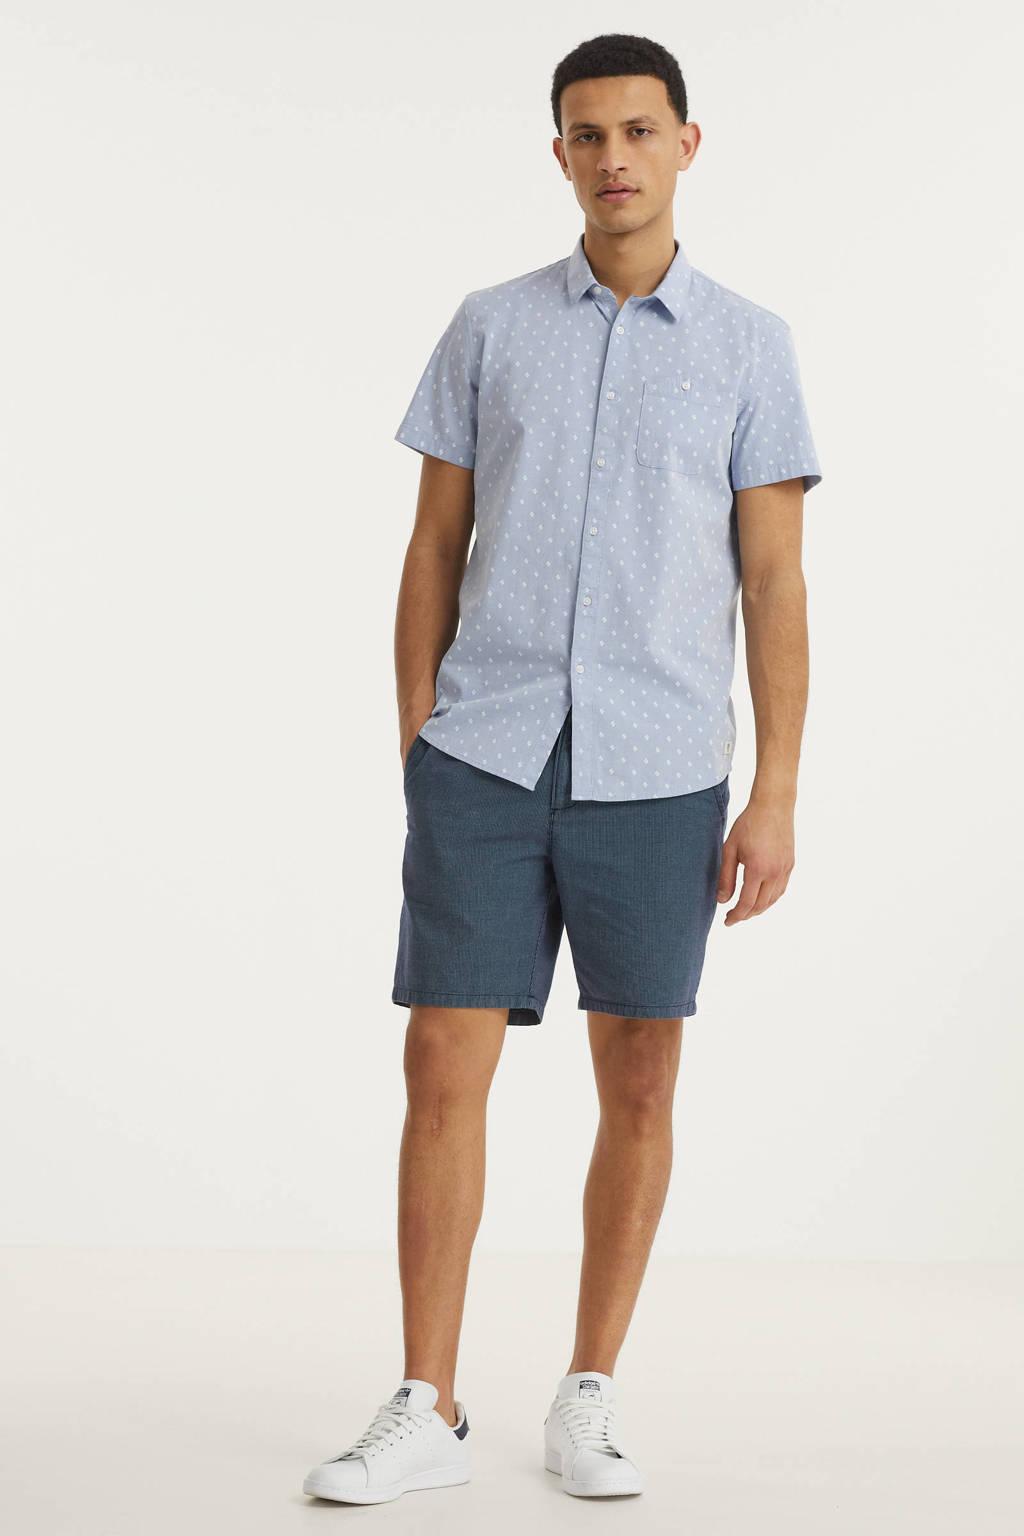 Tom Tailor Denim regular fit overhemd met all over print lichtblauw, Lichtblauw